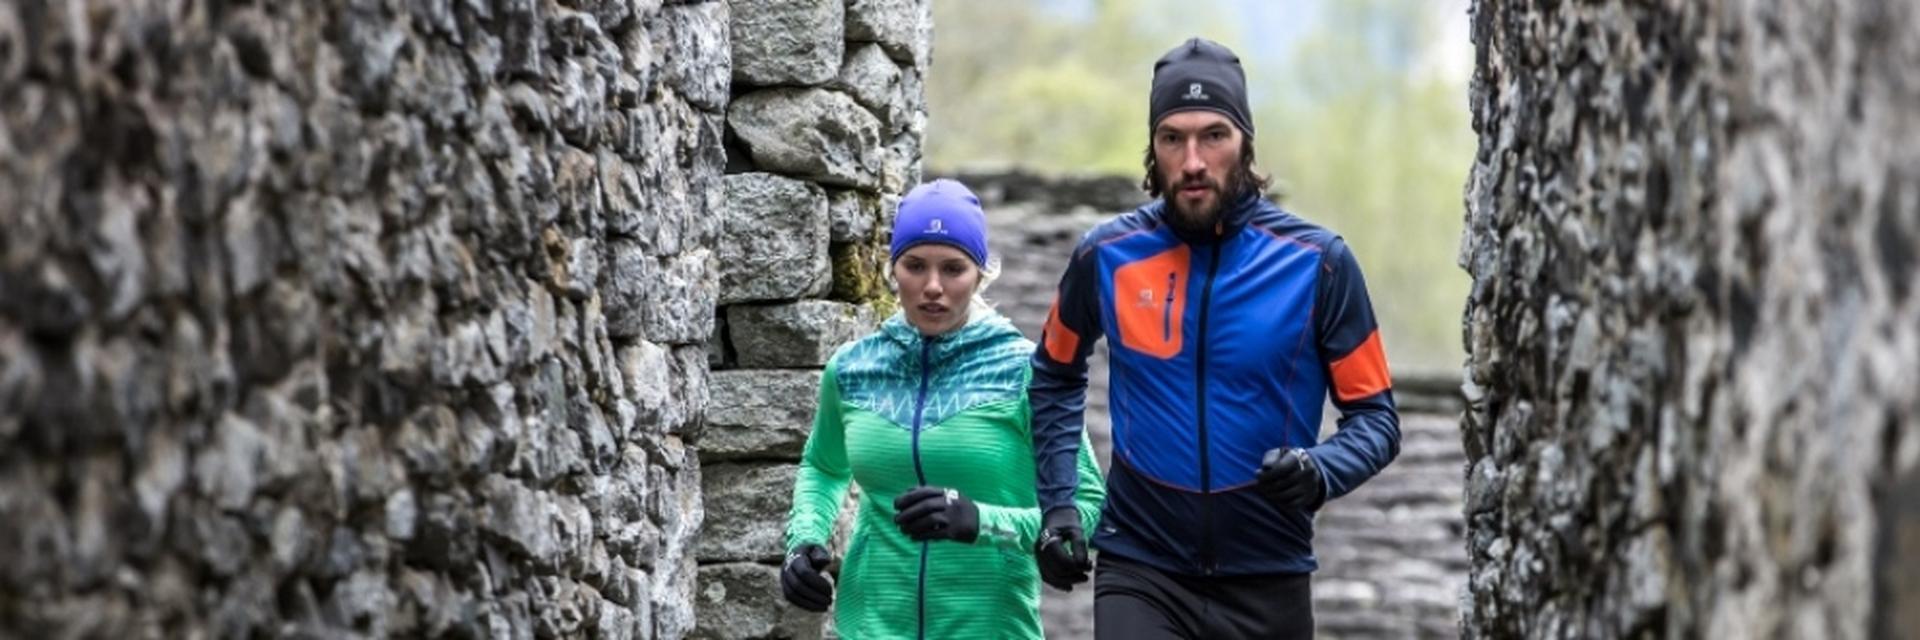 Ein Mann und eine Frau bei der Vorbereitung zu einem Halbmarathon.